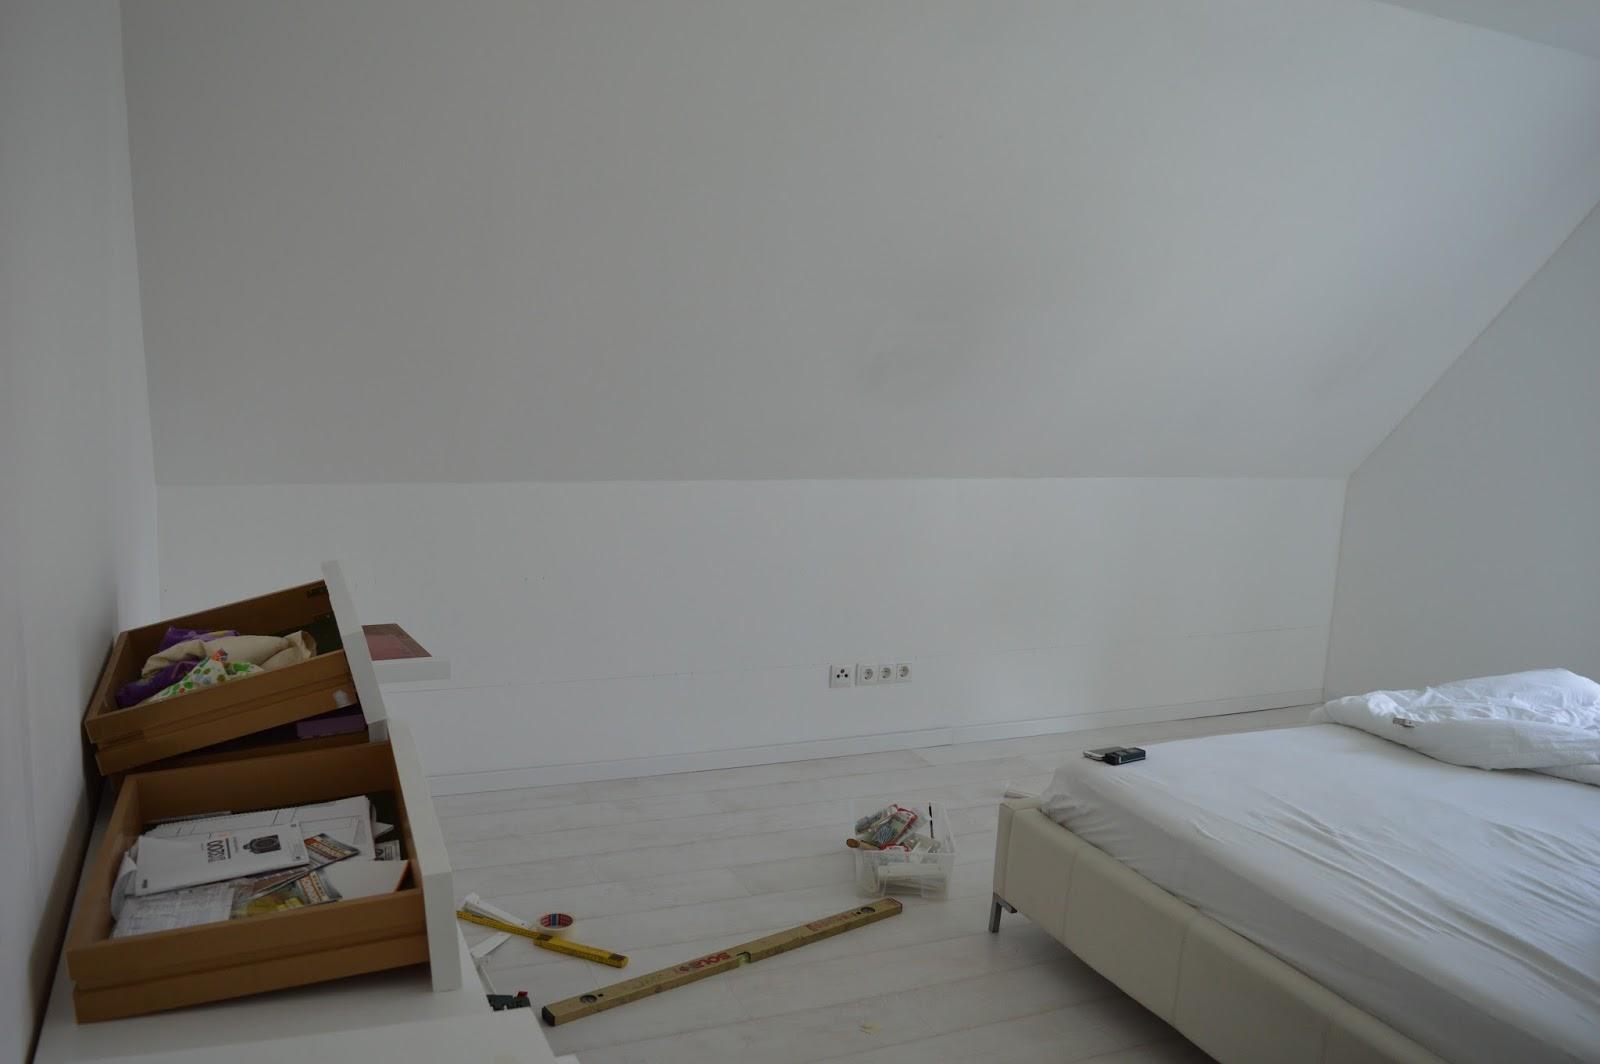 heim elich schlafzimmer deko visionen part 3. Black Bedroom Furniture Sets. Home Design Ideas